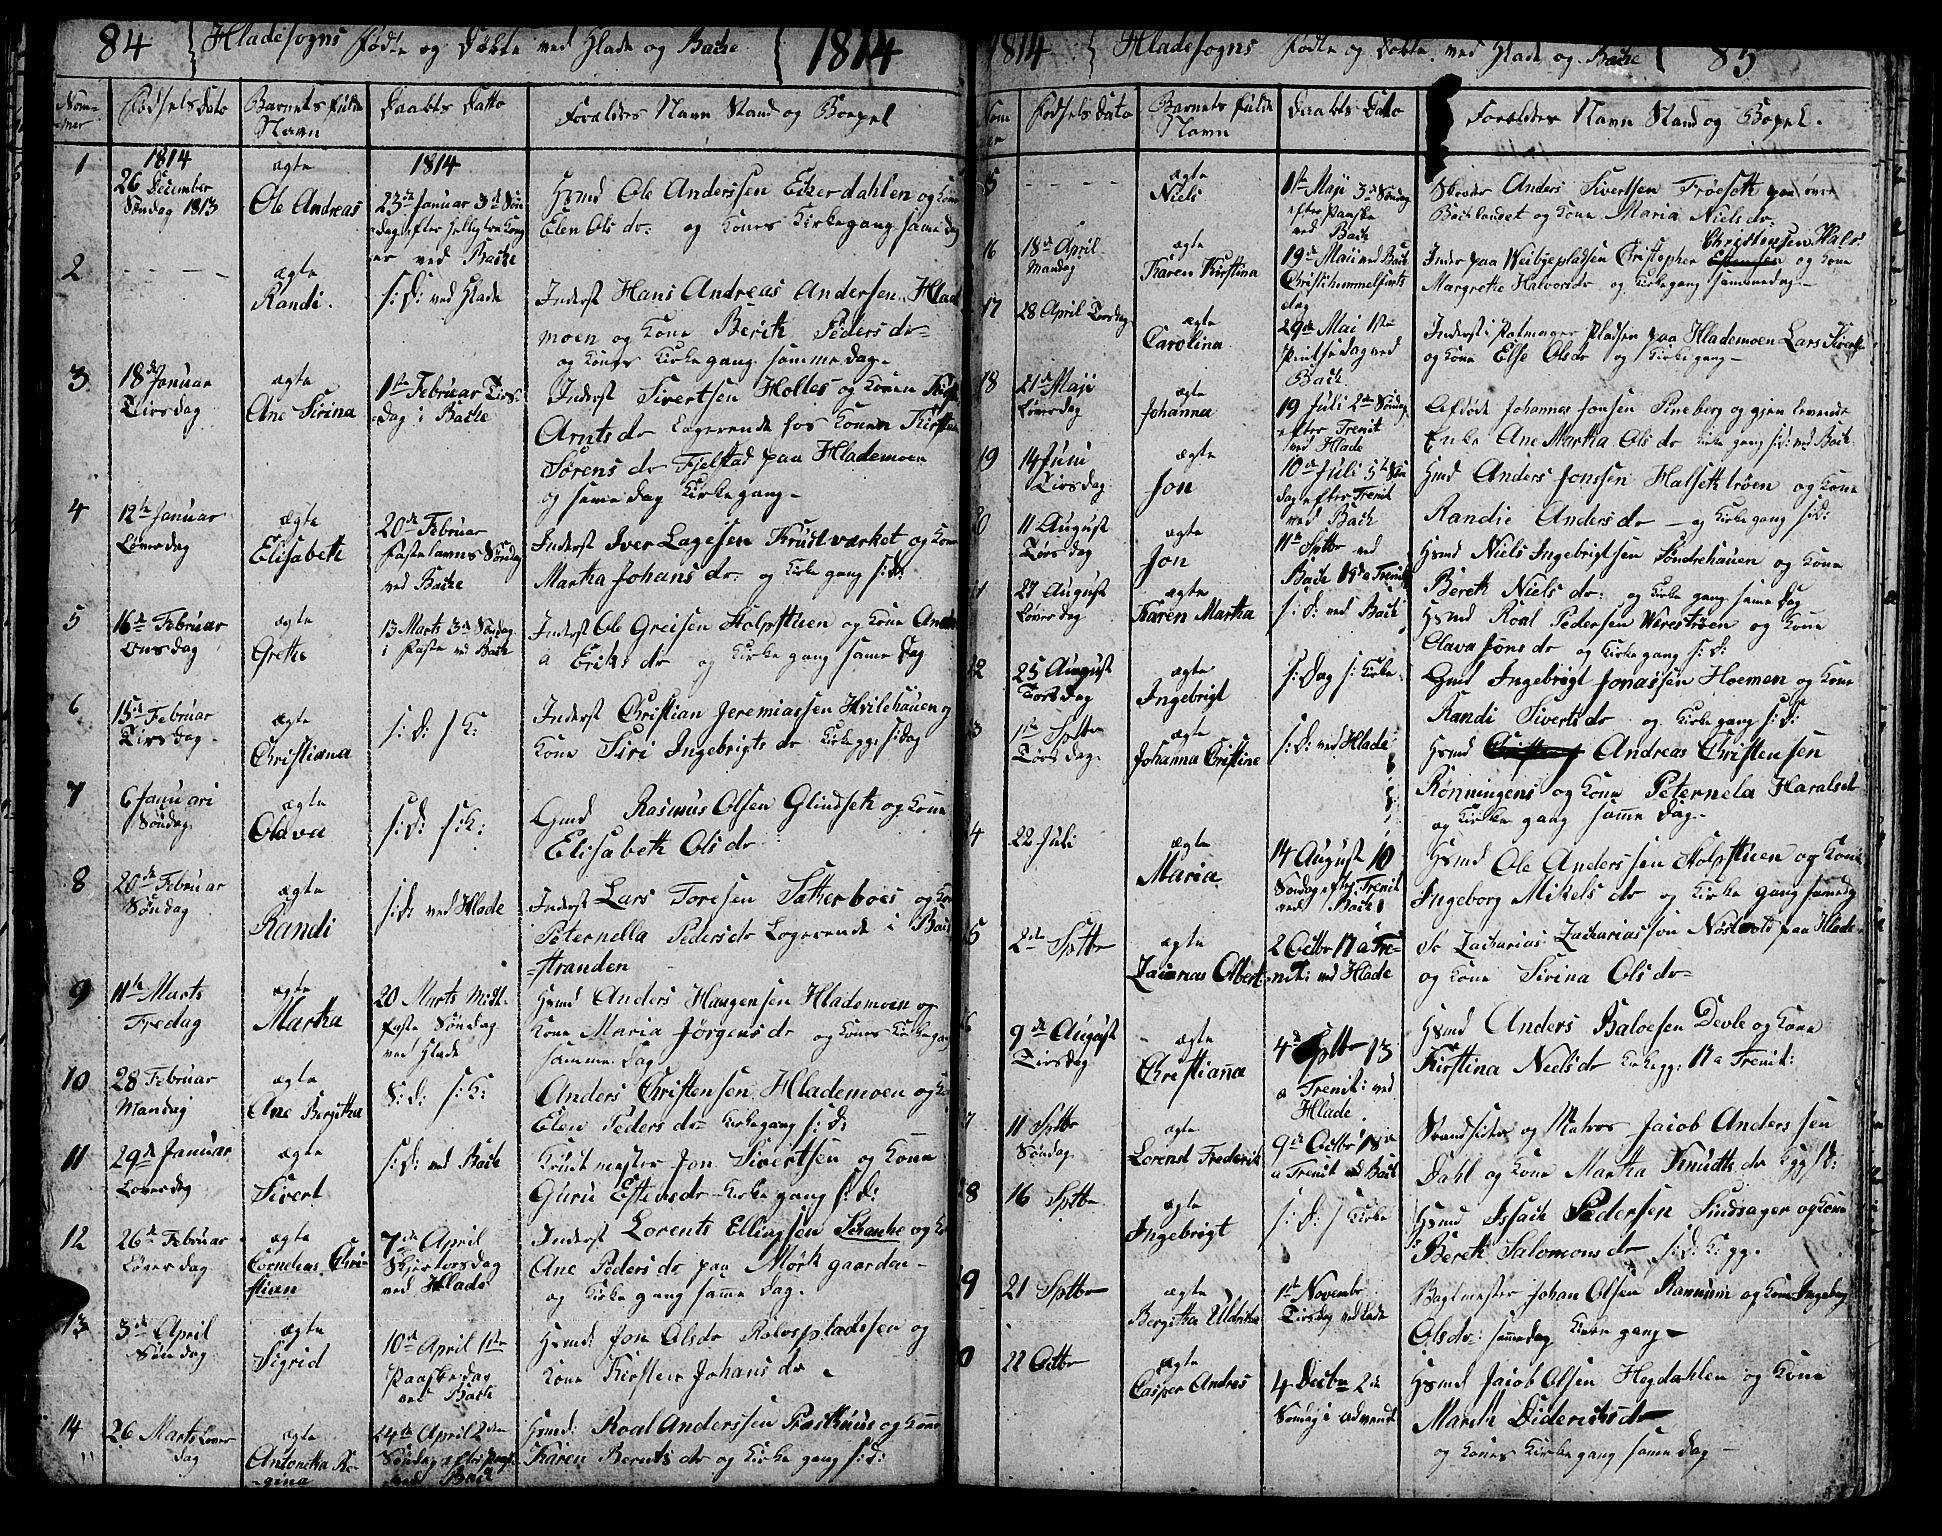 SAT, Ministerialprotokoller, klokkerbøker og fødselsregistre - Sør-Trøndelag, 606/L0306: Klokkerbok nr. 606C02, 1797-1829, s. 84-85